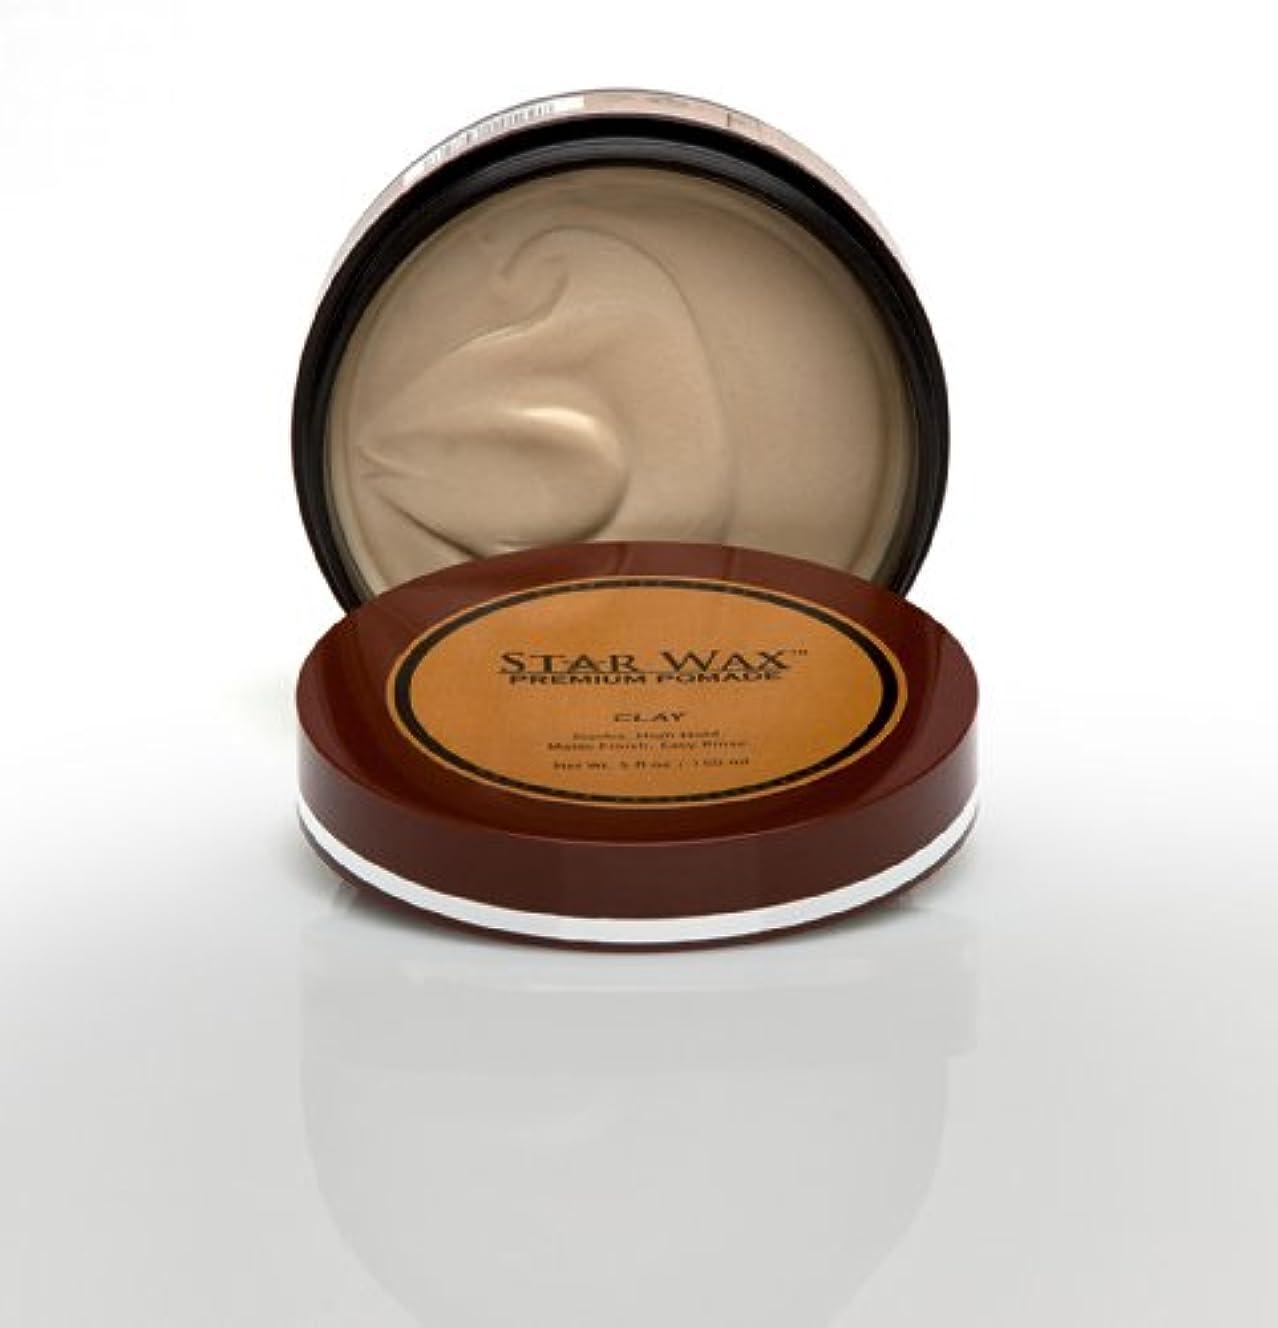 静かに無関心宿泊施設Star Wax | Premium Pomade, Clay(スターワックスプレミアム ポマード「クレイ」)?Star Pro Line(スタープロライン)製?5(液量)オンス/150ml